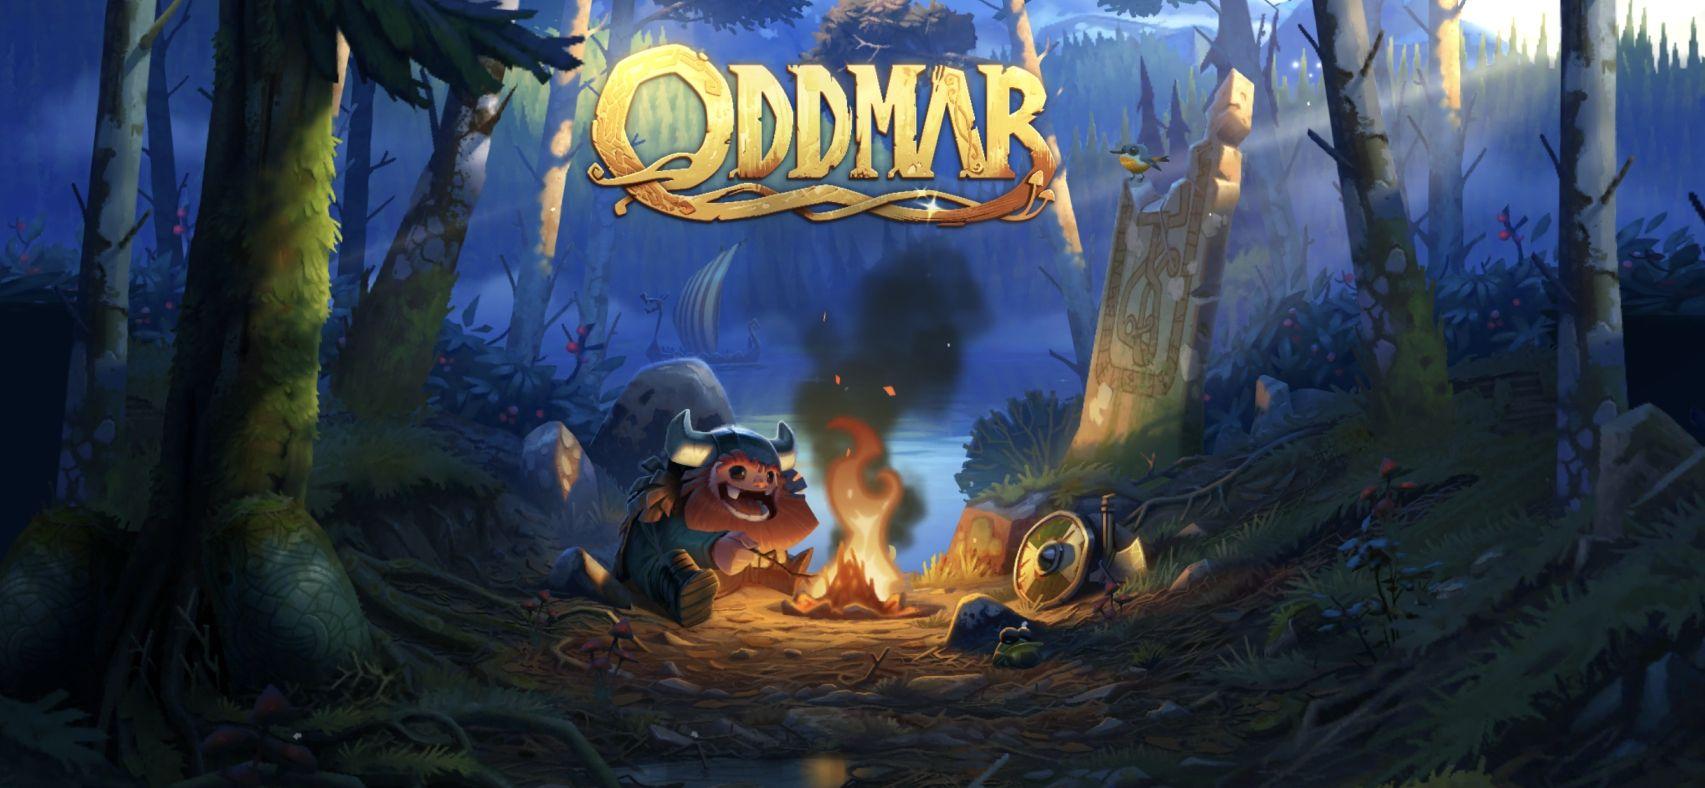 ODDMAR,enfin le jeu de plateforme ultime pour android! P-40254_6-oddmar-copie-d-ecran-1-sur-android